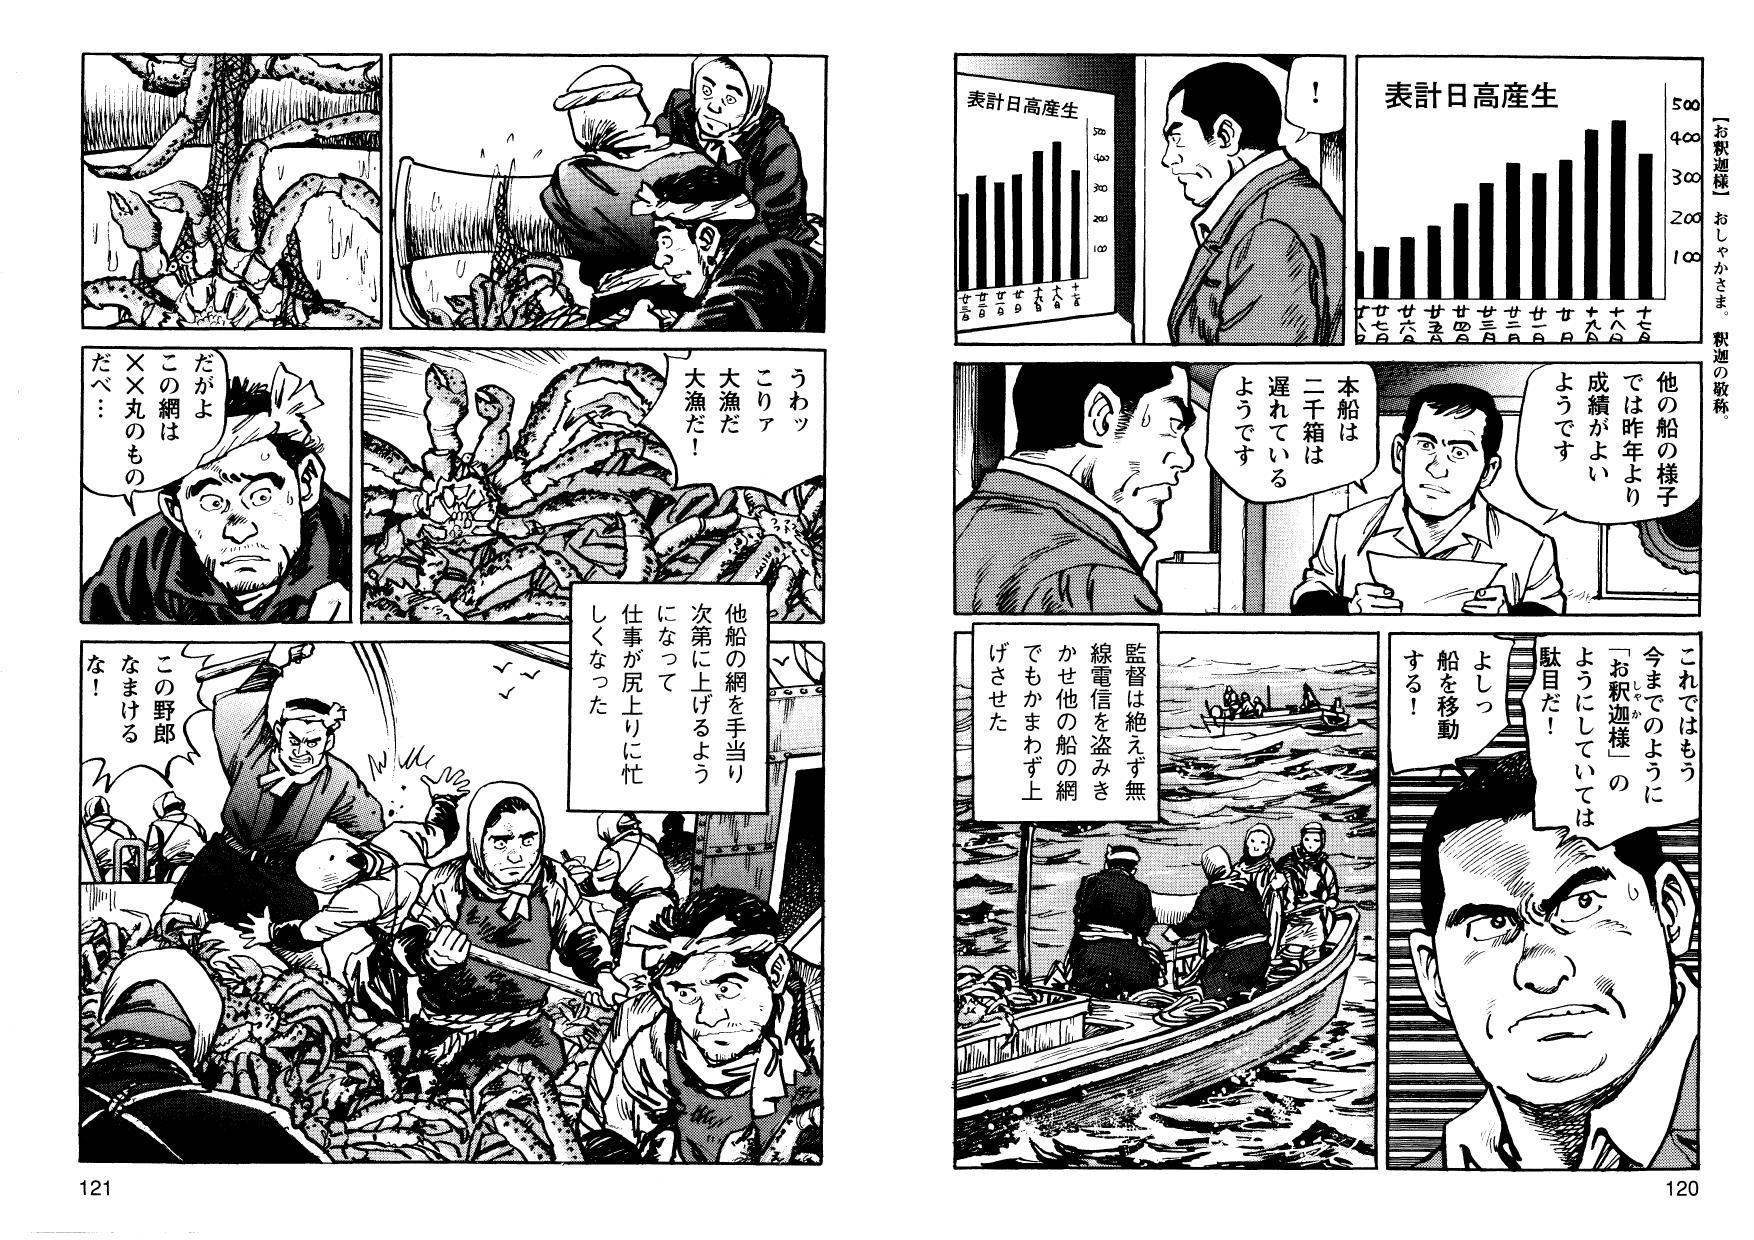 kani_cmc_000061.jpg